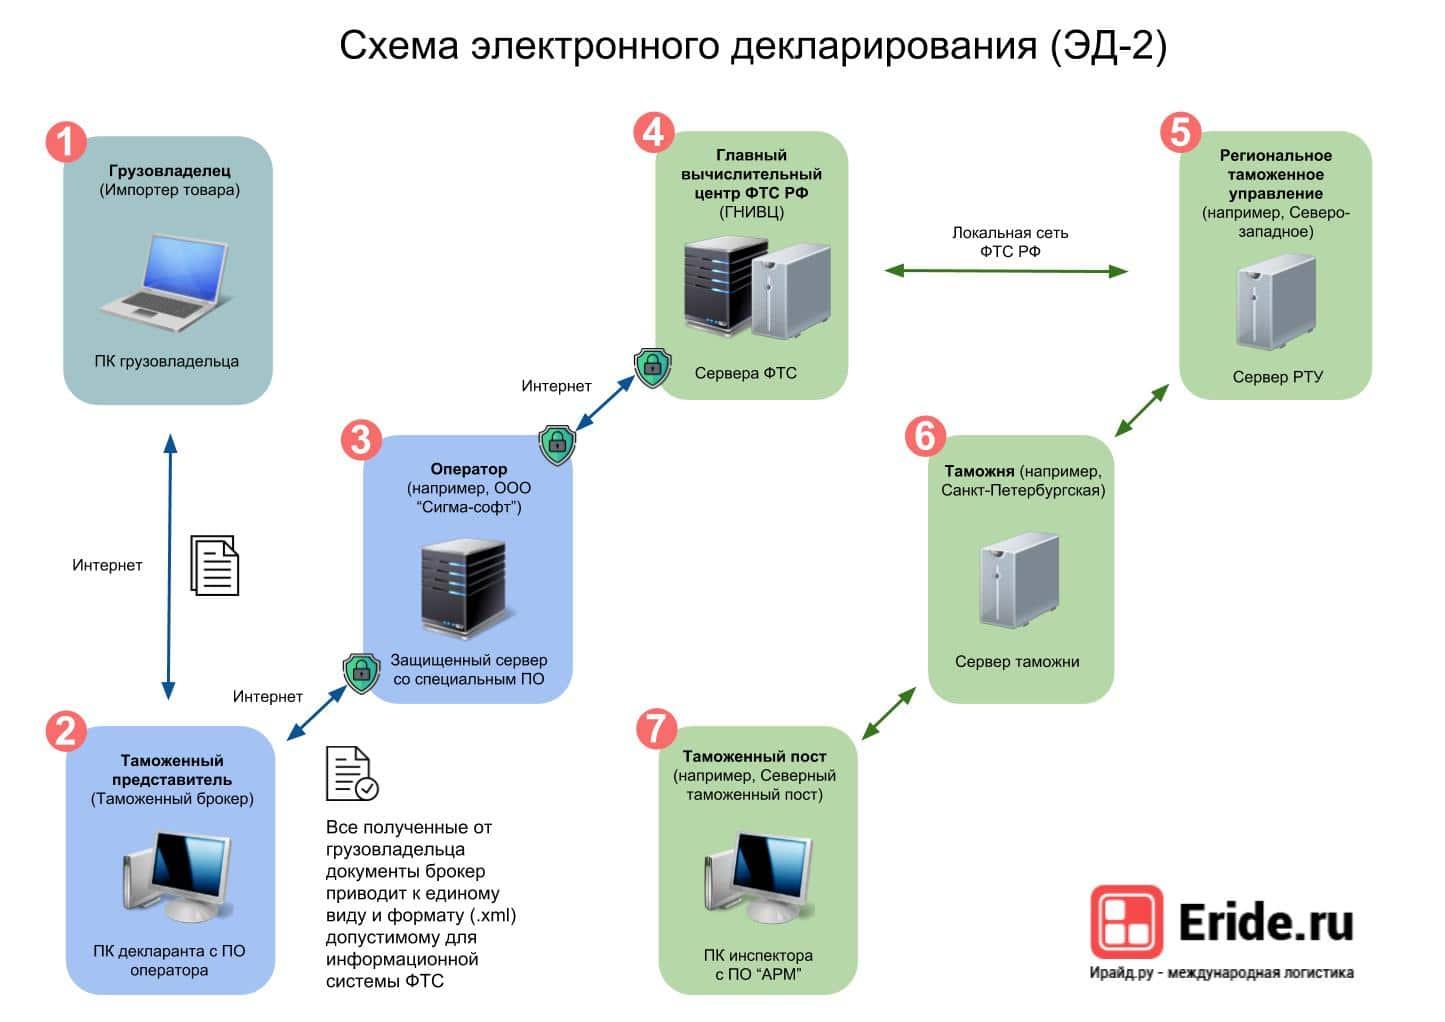 Электронное декларирование (ЭД-2). Как устроено.